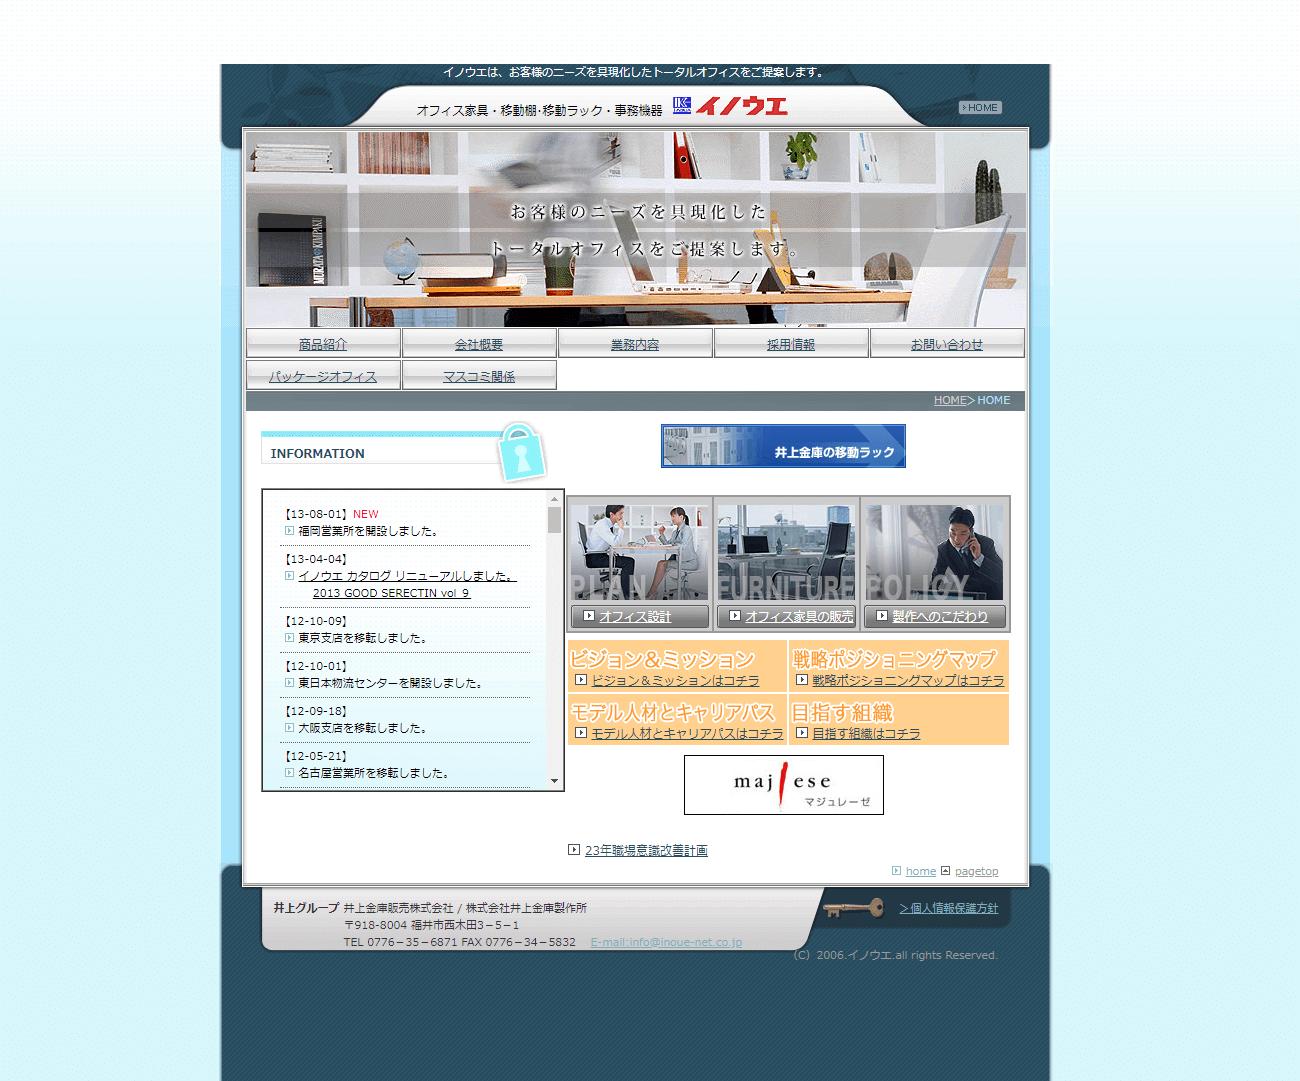 旧サイト:福井市 井上金庫販売株式会社様 ホームページ制作